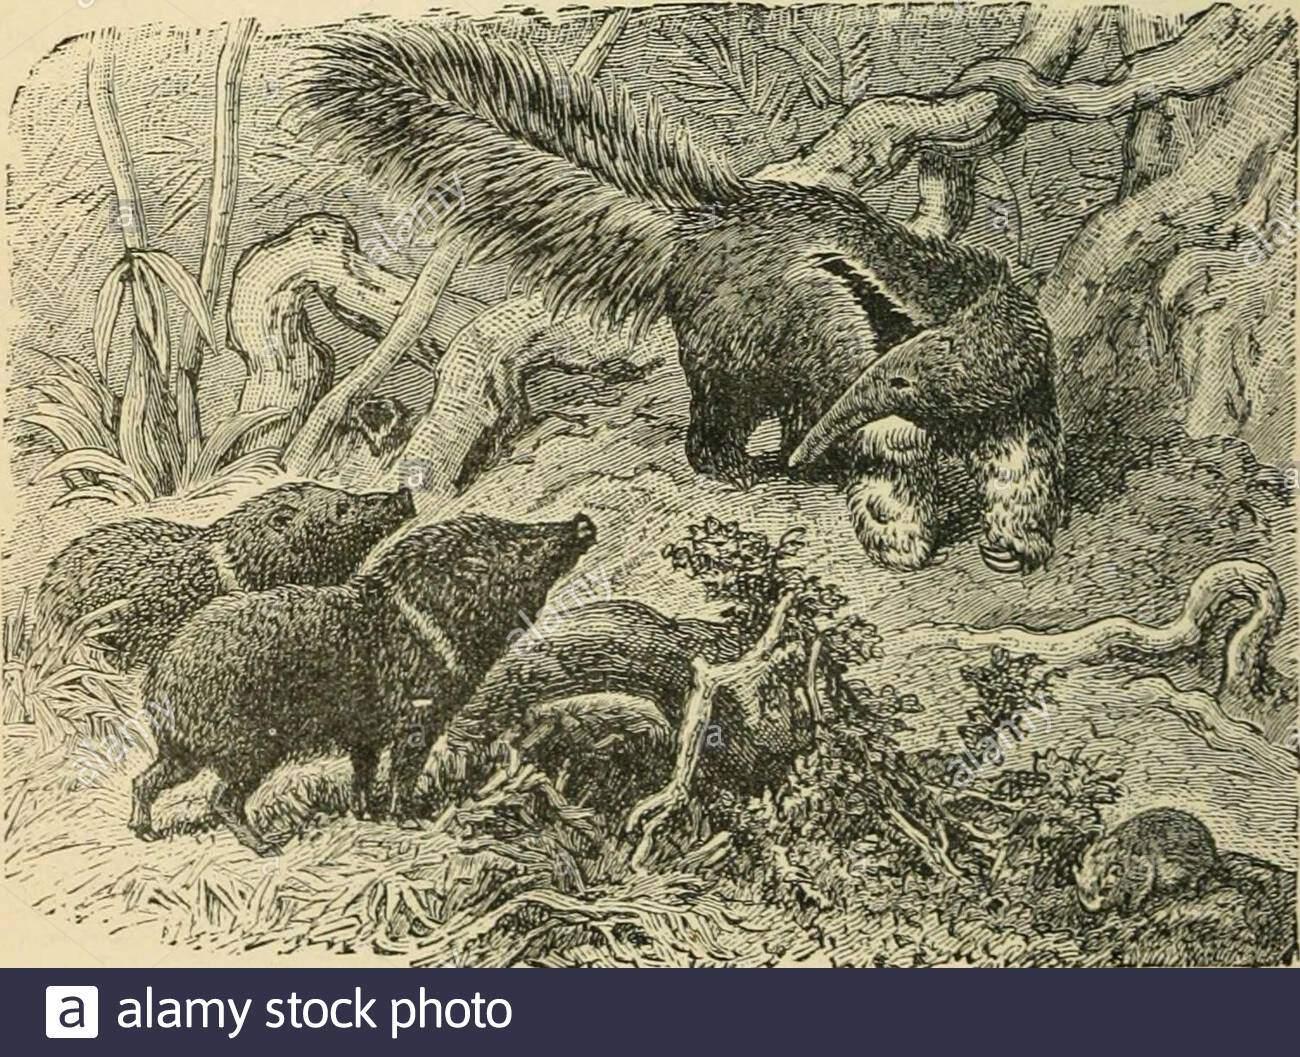 bewohner der welt oder menschen tieren und pflanzen ist ein beliebtes berucksichtigung der rassen und nationen der menschheit der vergangenheit und der gegenwart und tiere und pflanzen das bewohnen des grossen kontinenten und inseln 6 alpaka 7 llama jrh 8 peccary 9 ant eateelu guinea pig kopf und schlankere beine als das vikunja beide sind im wesentlichen moun tain stadtbewohner beide ochsen und pferde sind bekannt wild in der art laufen mussen namlich thellama 7 das alpaka 6 der gu anaco 31 und in der vi cuna 2 itis probablethat der twoformer aremerely tun mesticatedvarieties ofthe zwei lat ter t 2afm72d